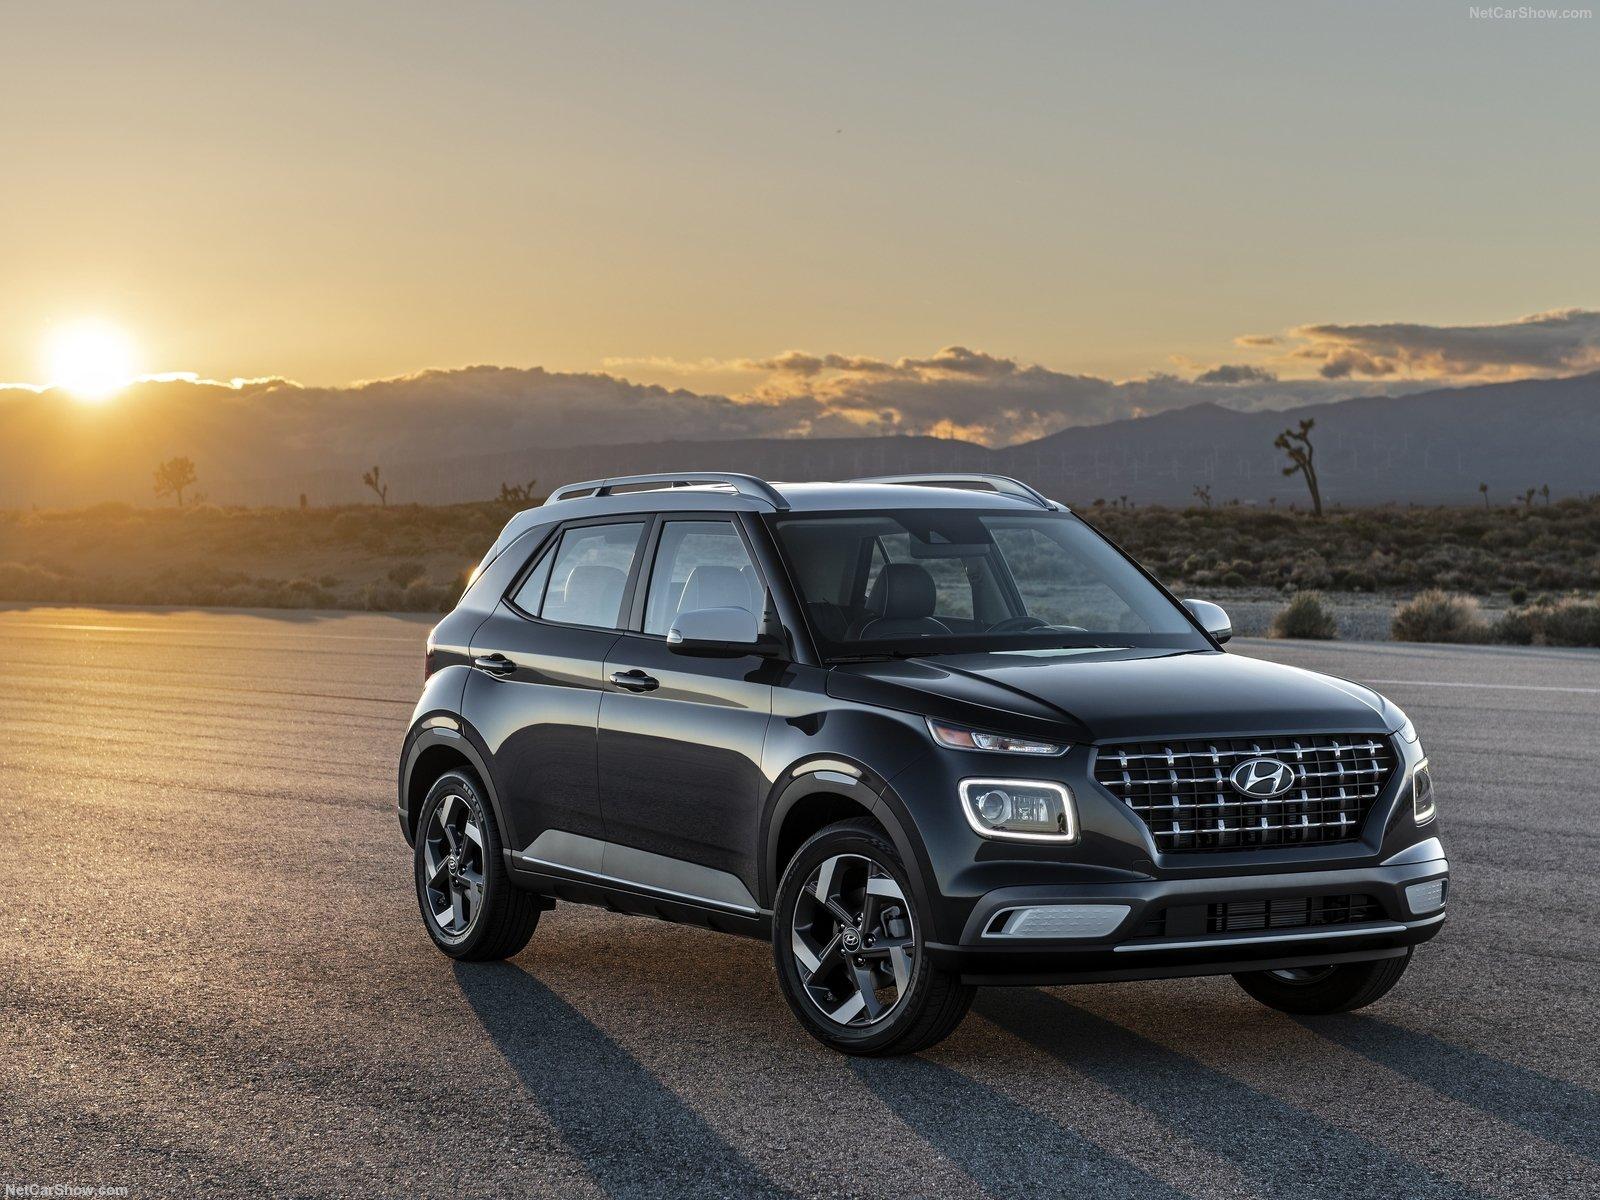 Hyundai Venue 2019 года бьет рекорды продаж. Официальная информация от дилеров.